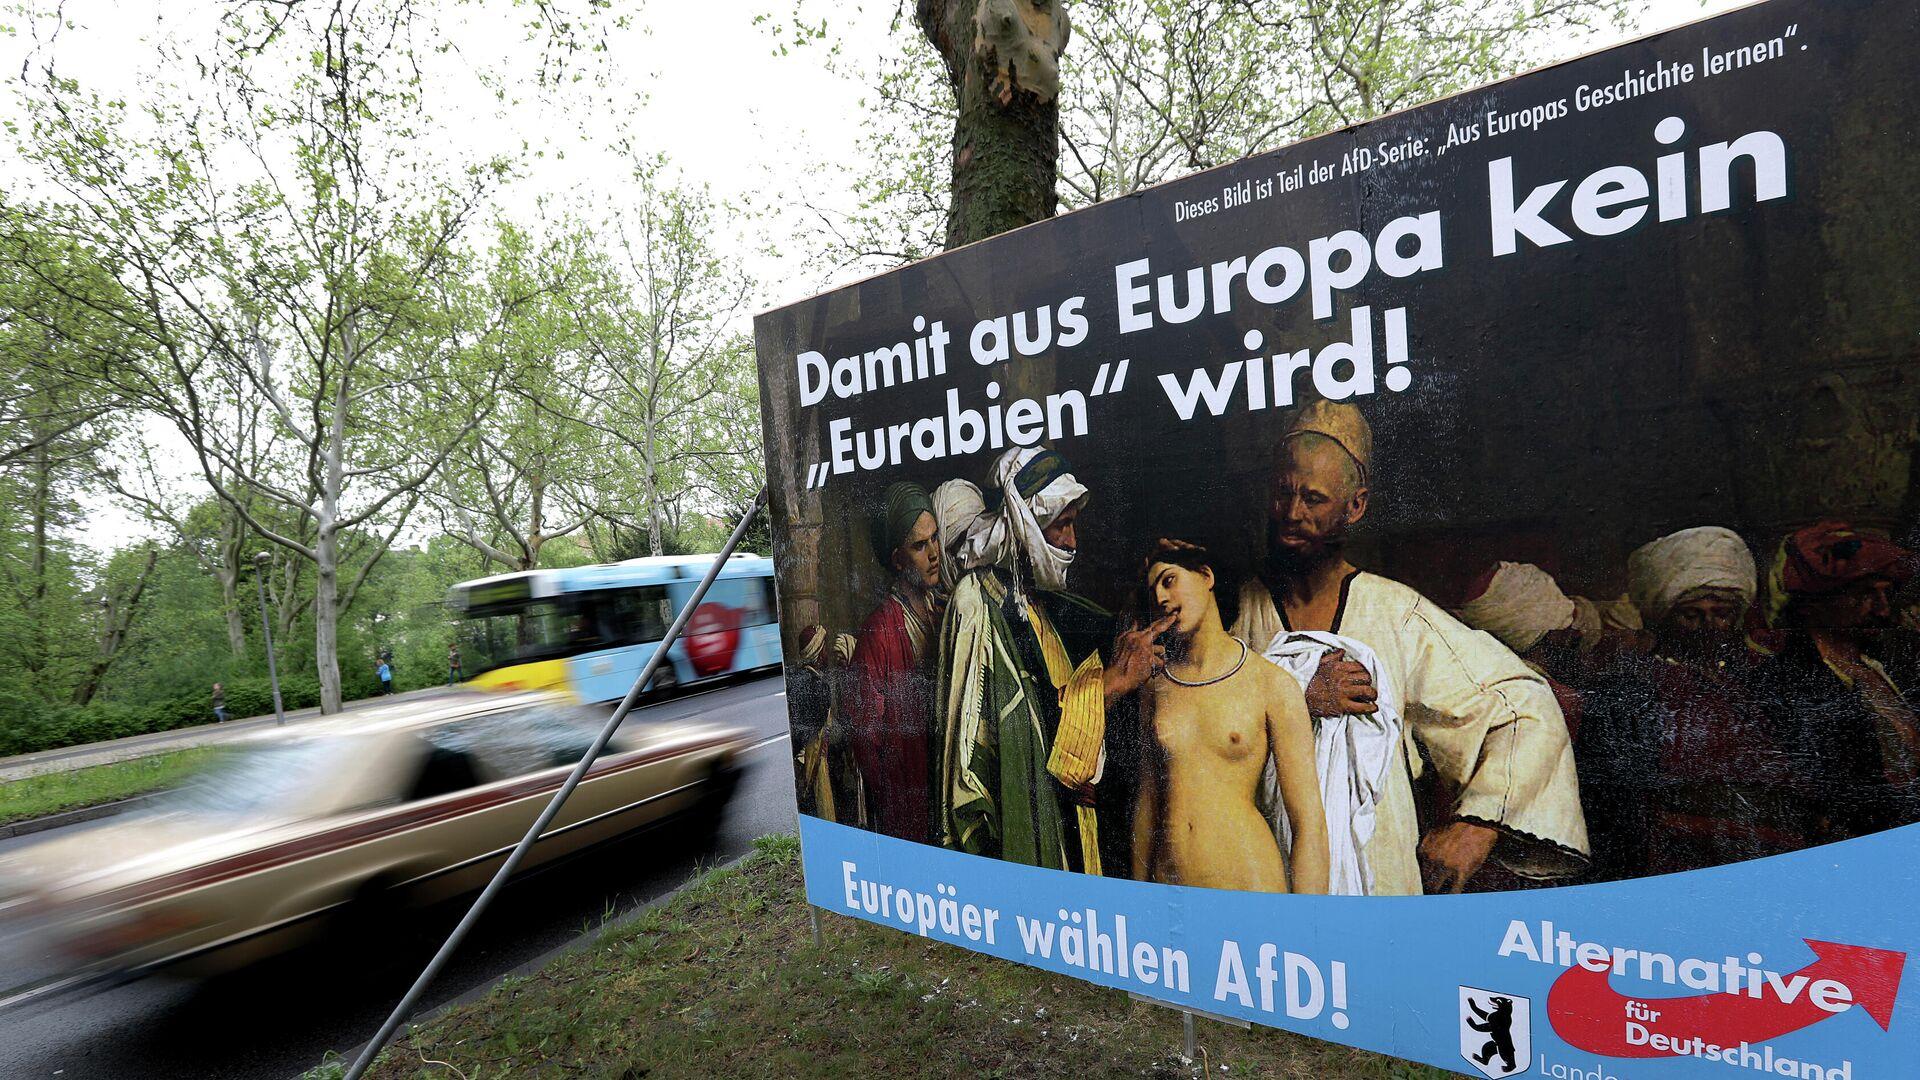 Рекламный плакат  немецкой партии Альтернатива для Германии  - РИА Новости, 1920, 03.03.2021